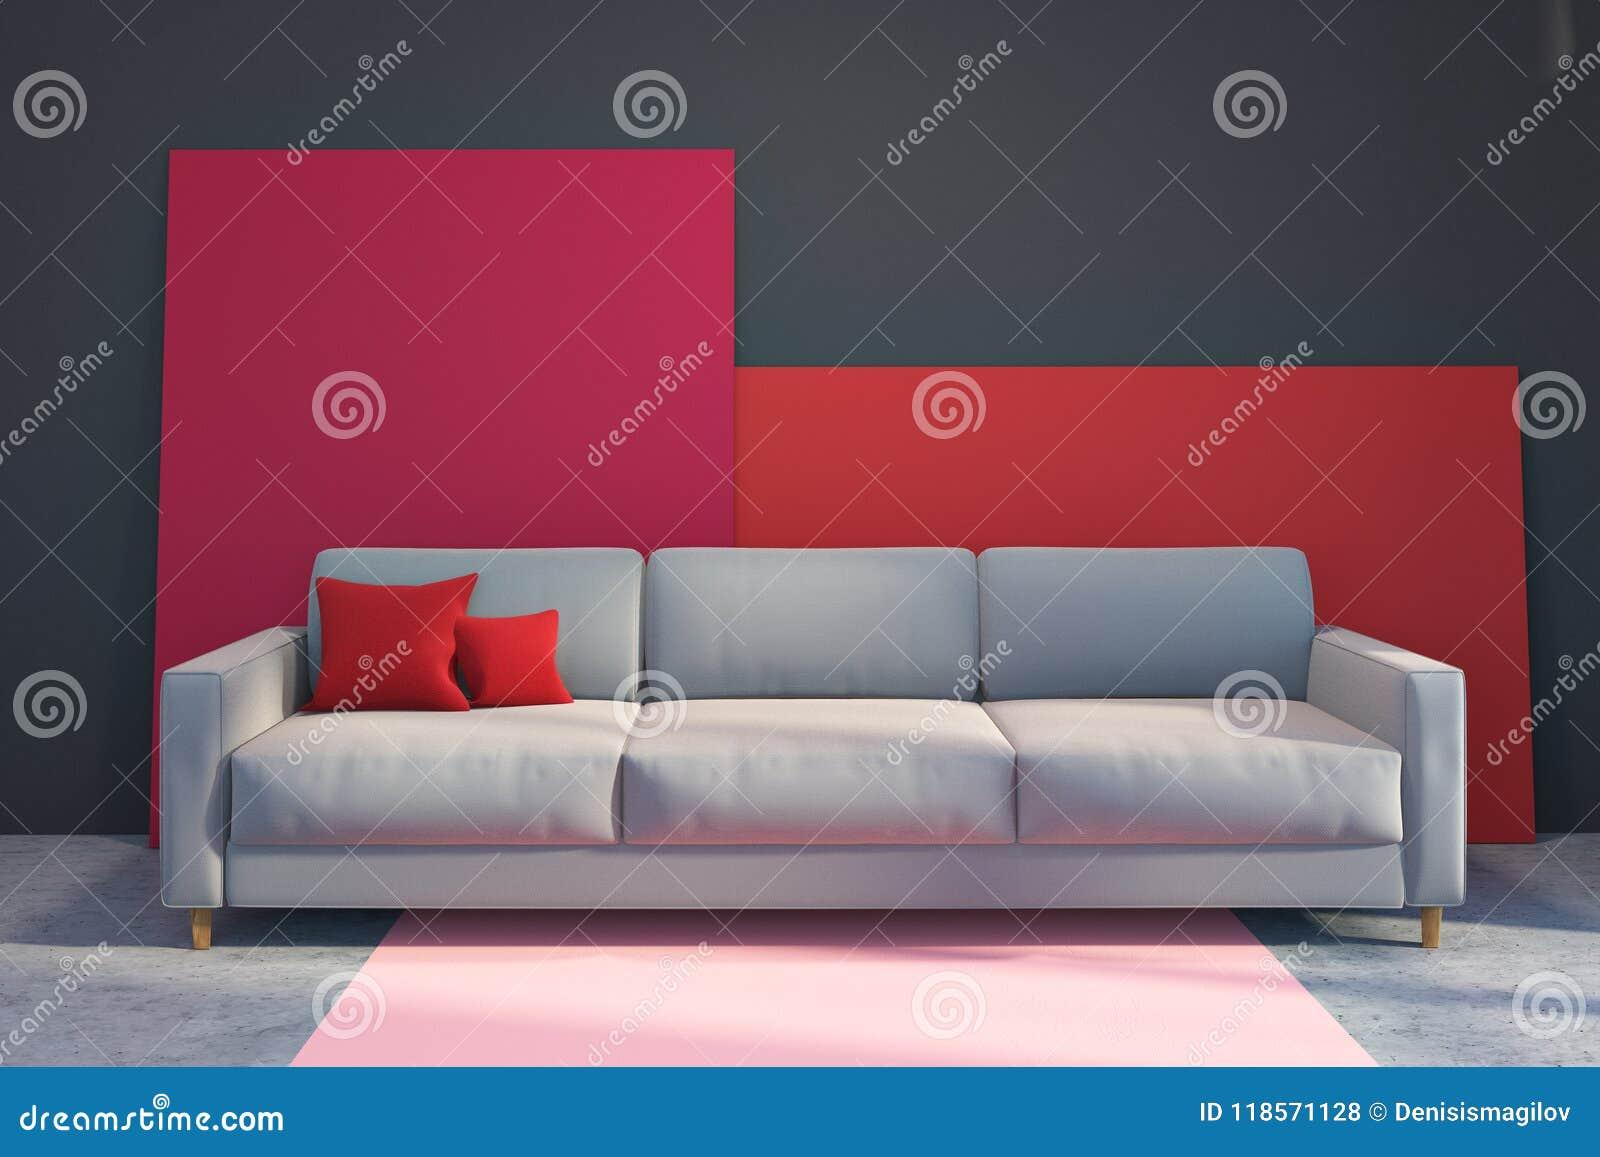 Graues Sofa In Einem Grauen Und Roten Wohnzimmer Stock Abbildung